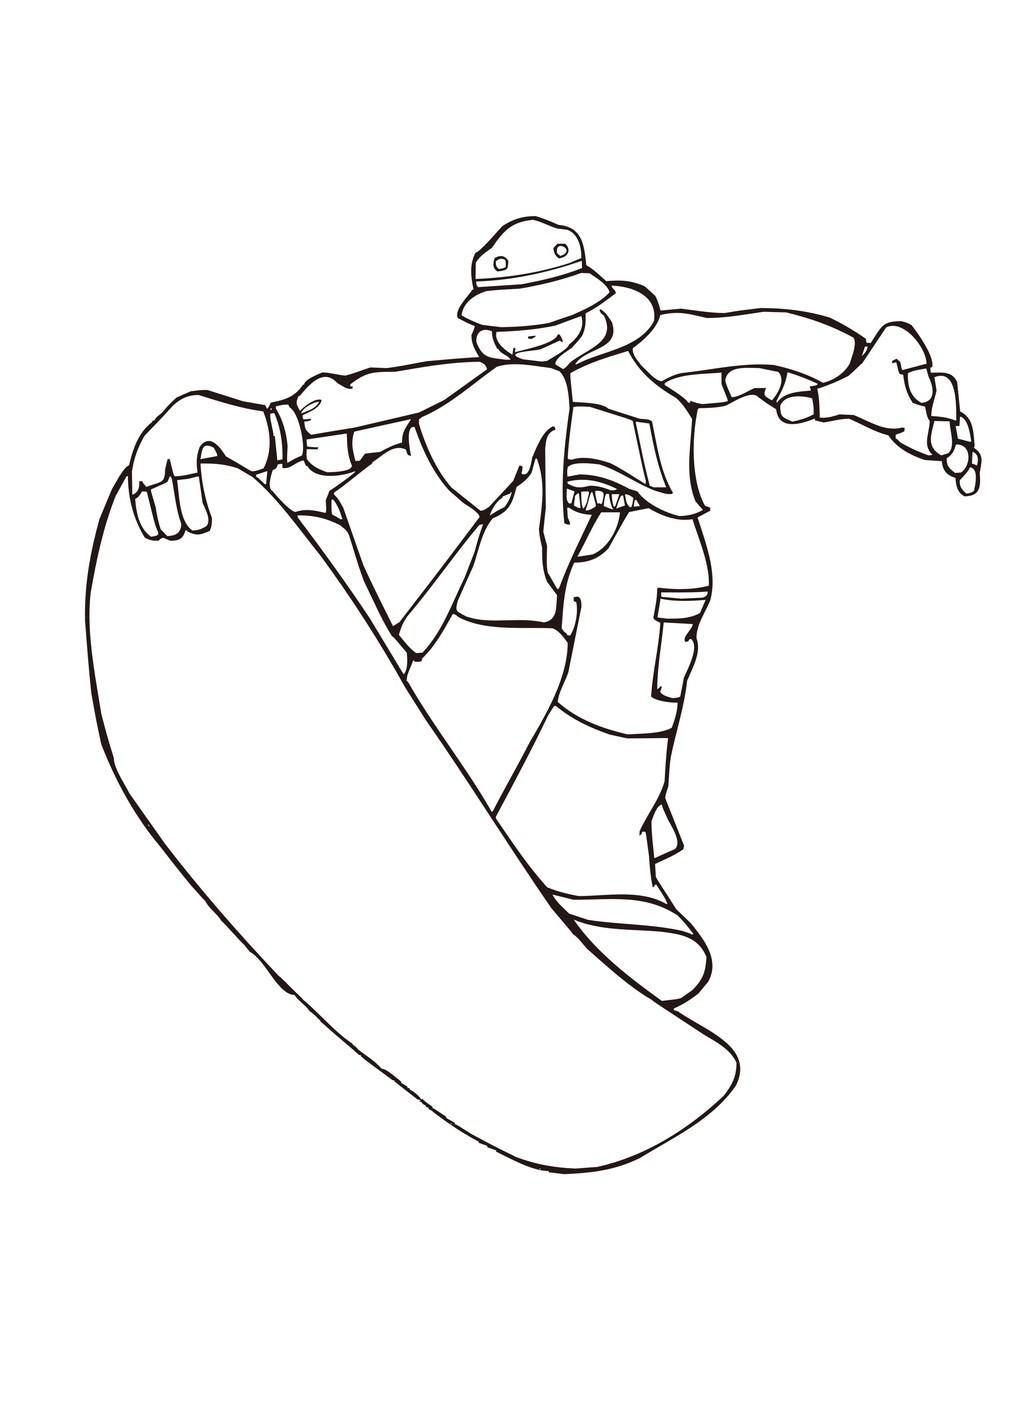 卡通运动人物简笔画滑冰手绘人物